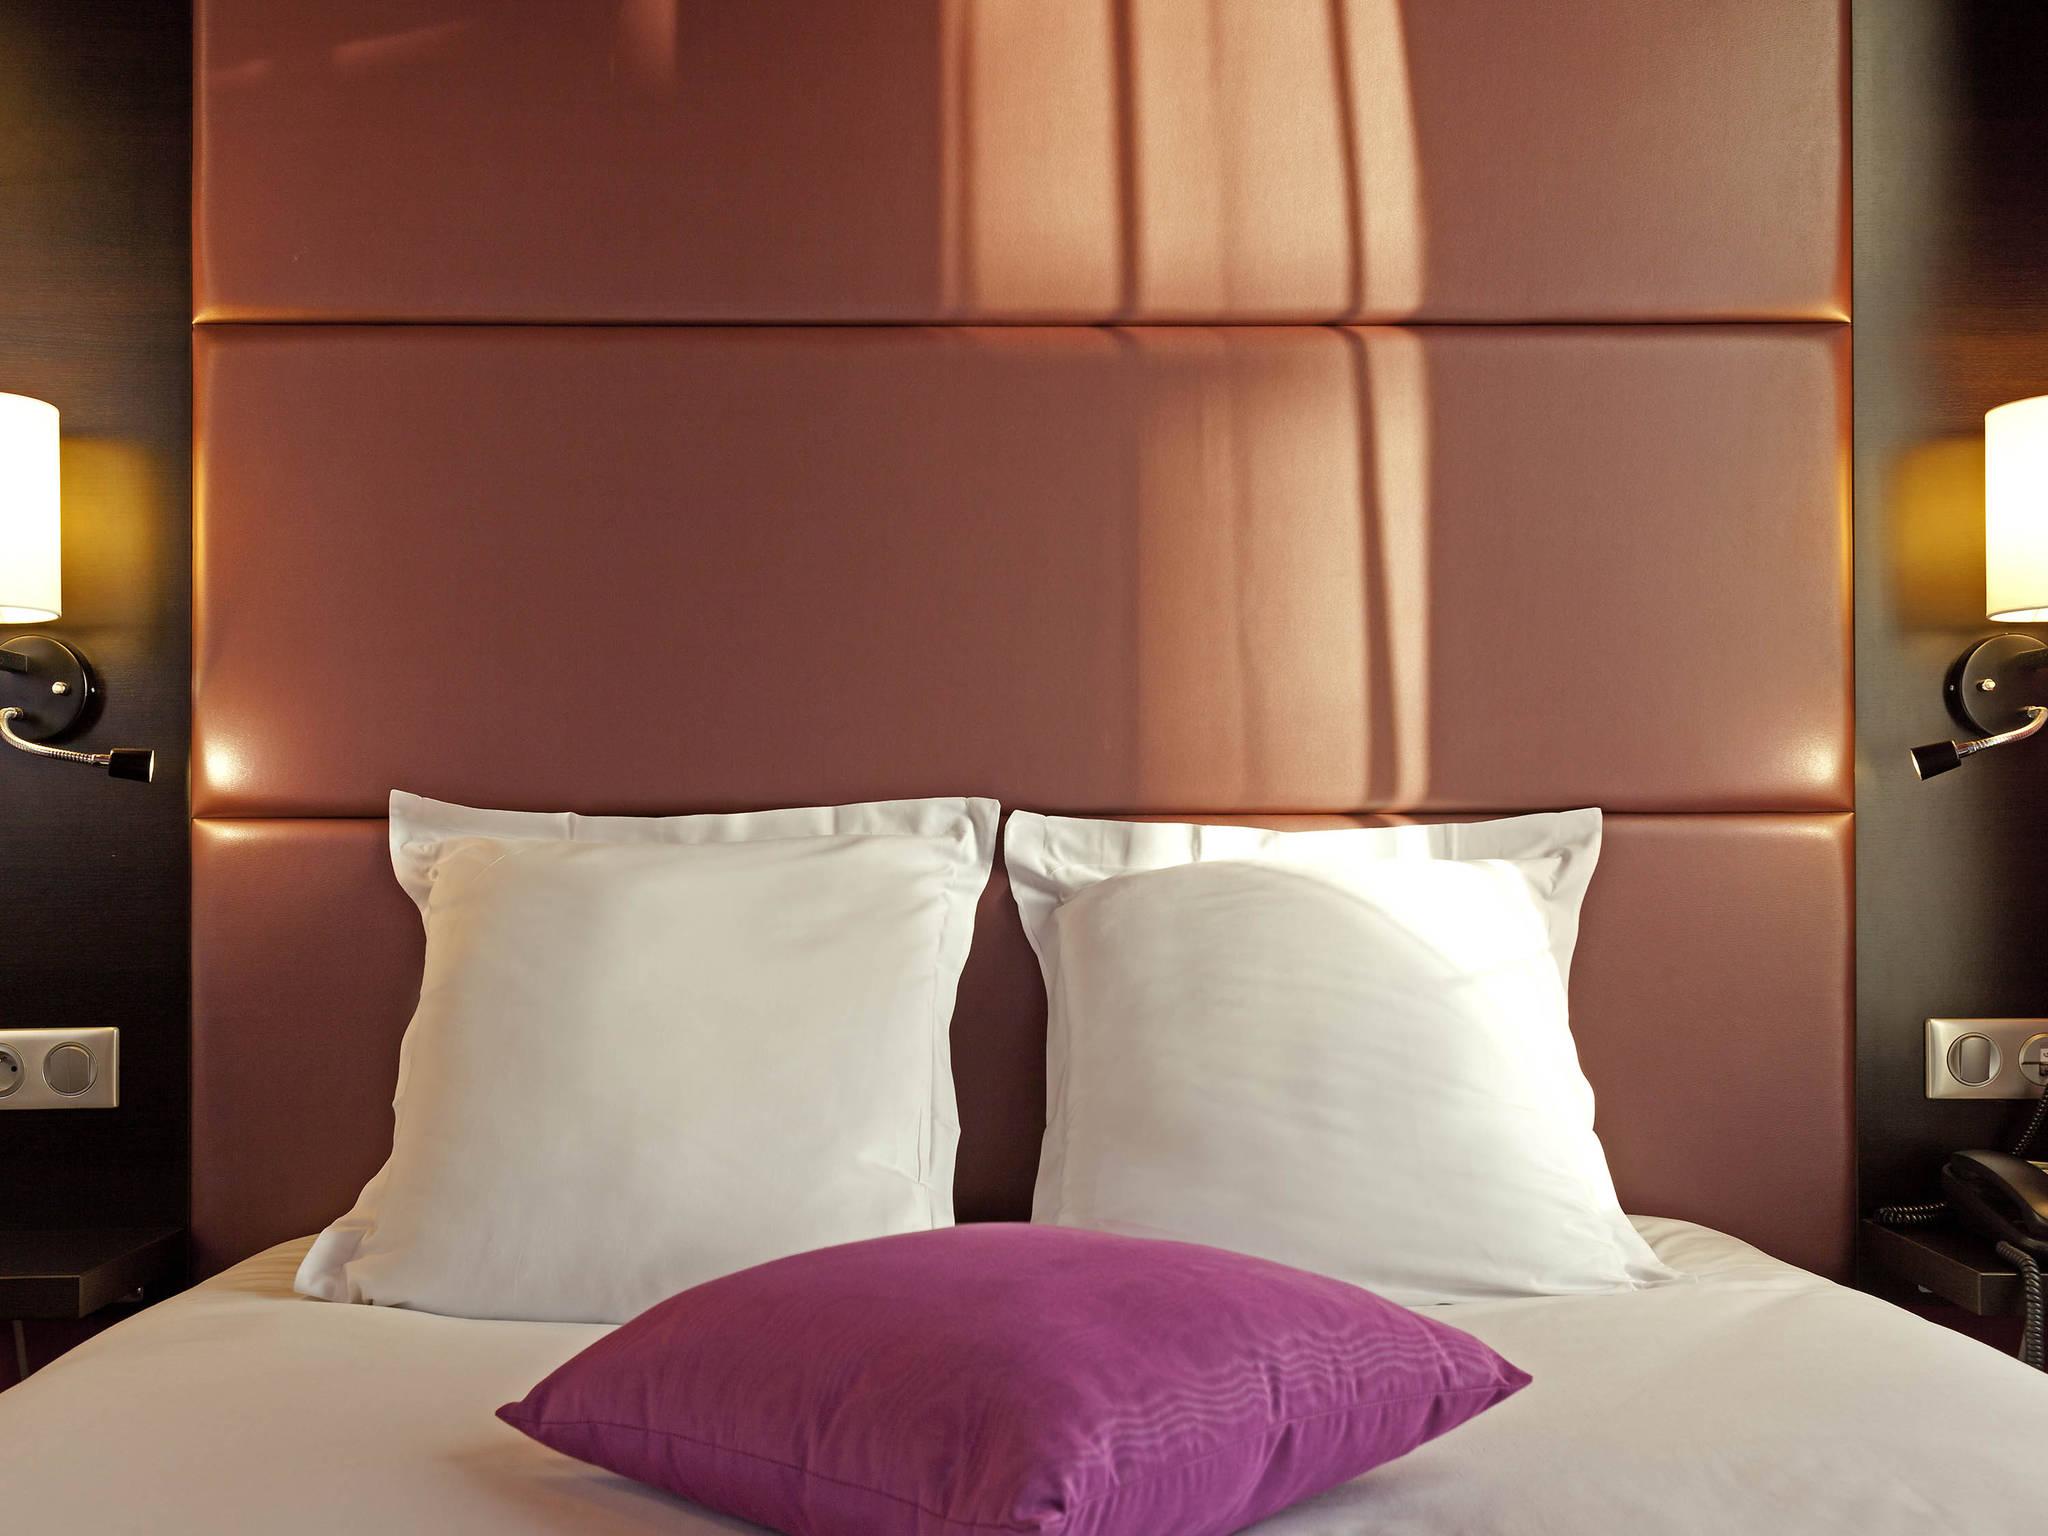 فندق - إيبيس ستايلز ibis Styles باريس بيغال مونمارتر